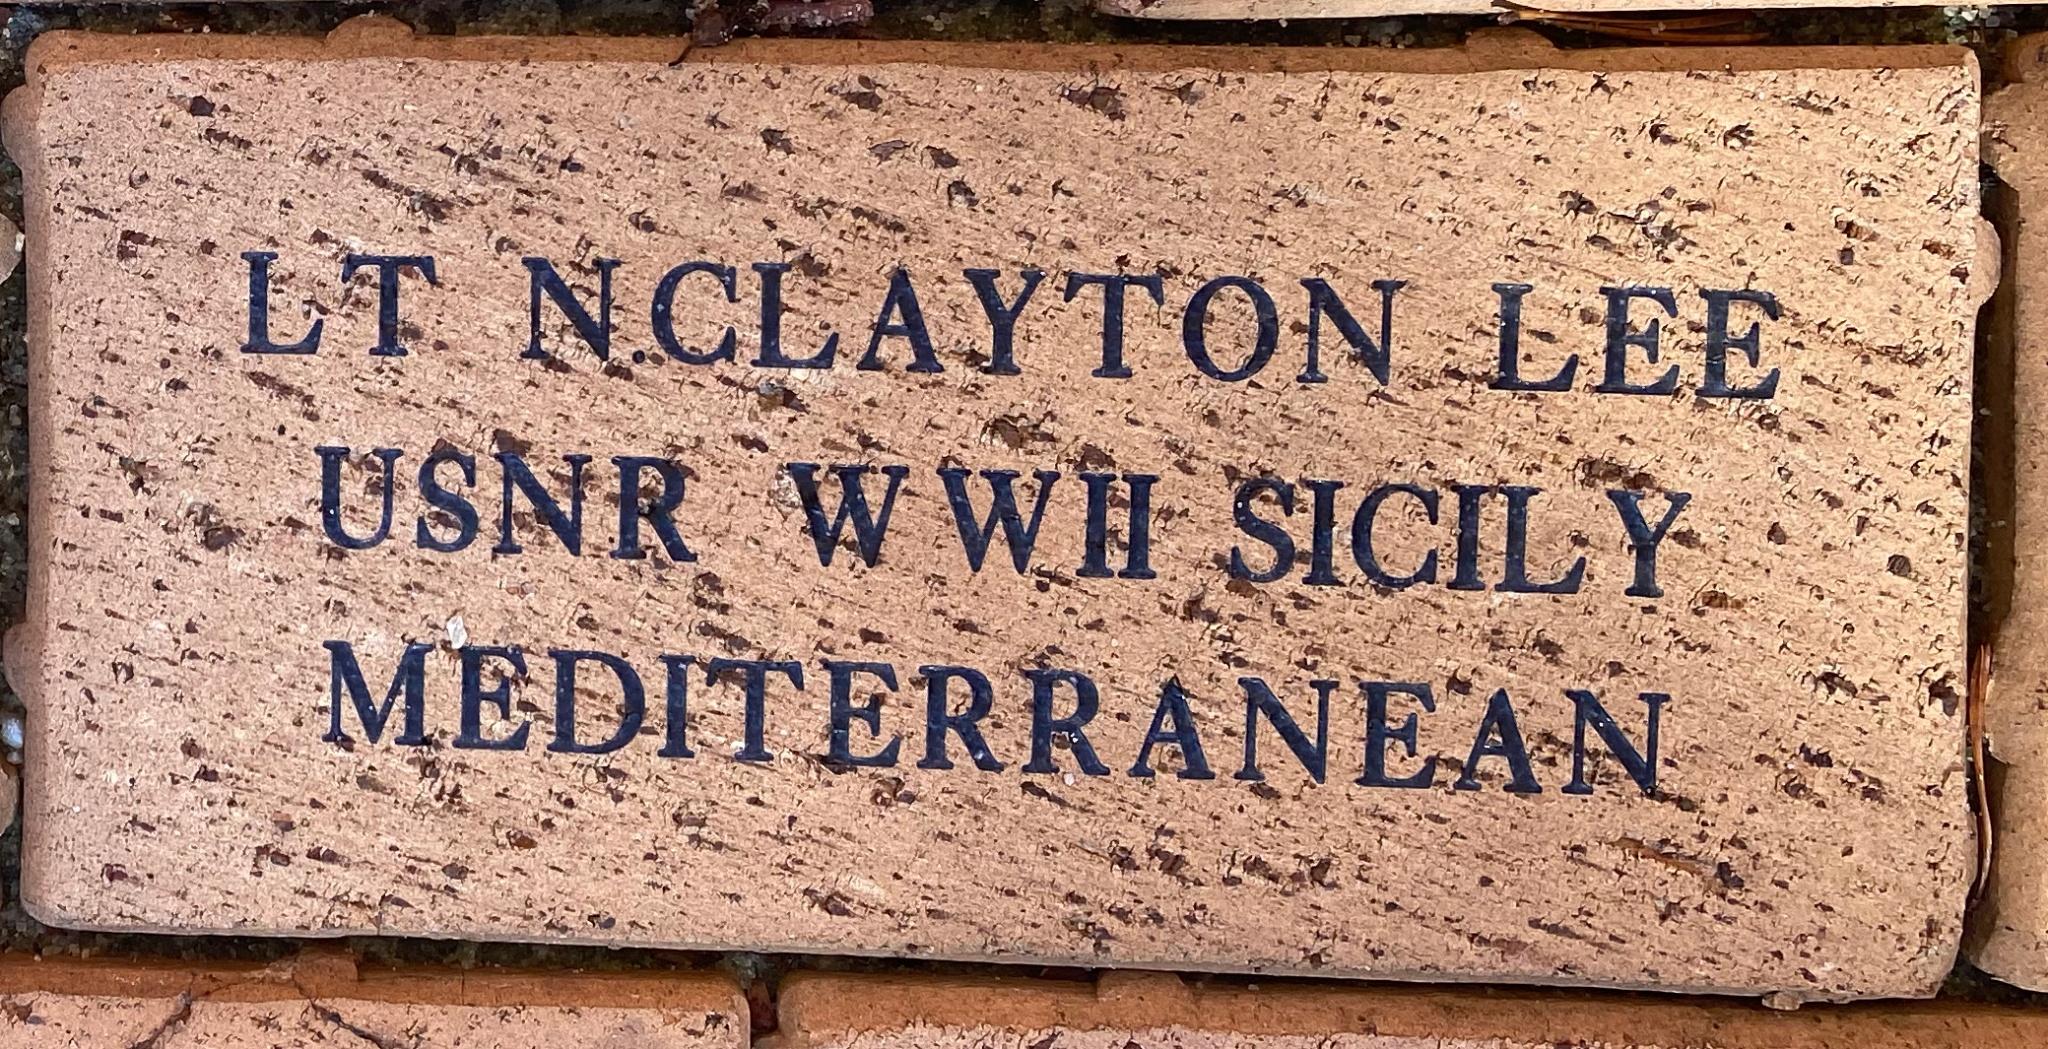 LT N.CLAYTON LEE USNR WWII SICILY MEDITERRANEAN